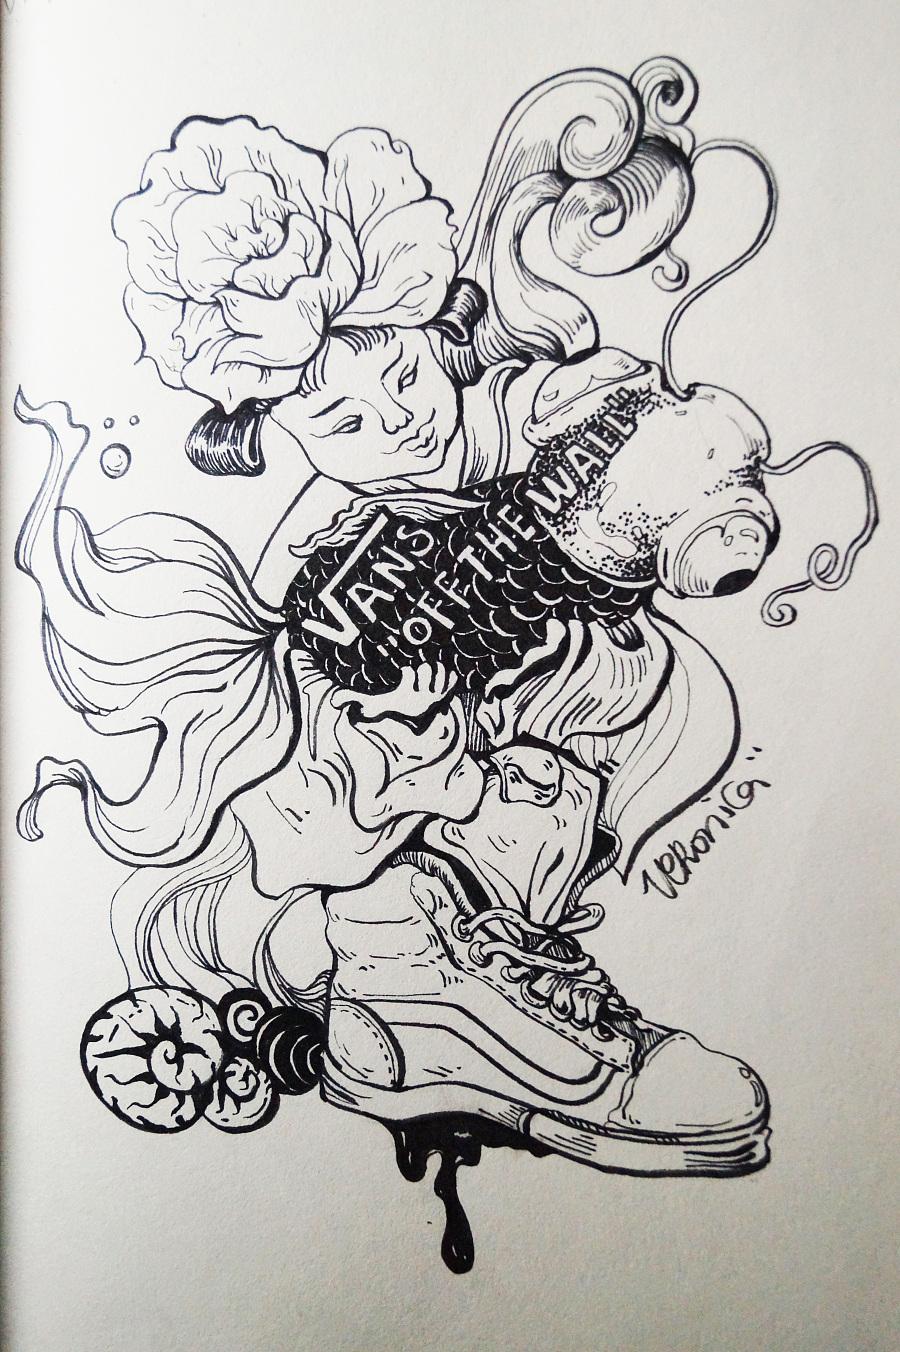 wall中国风涂鸦|涂鸦/潮流|插画